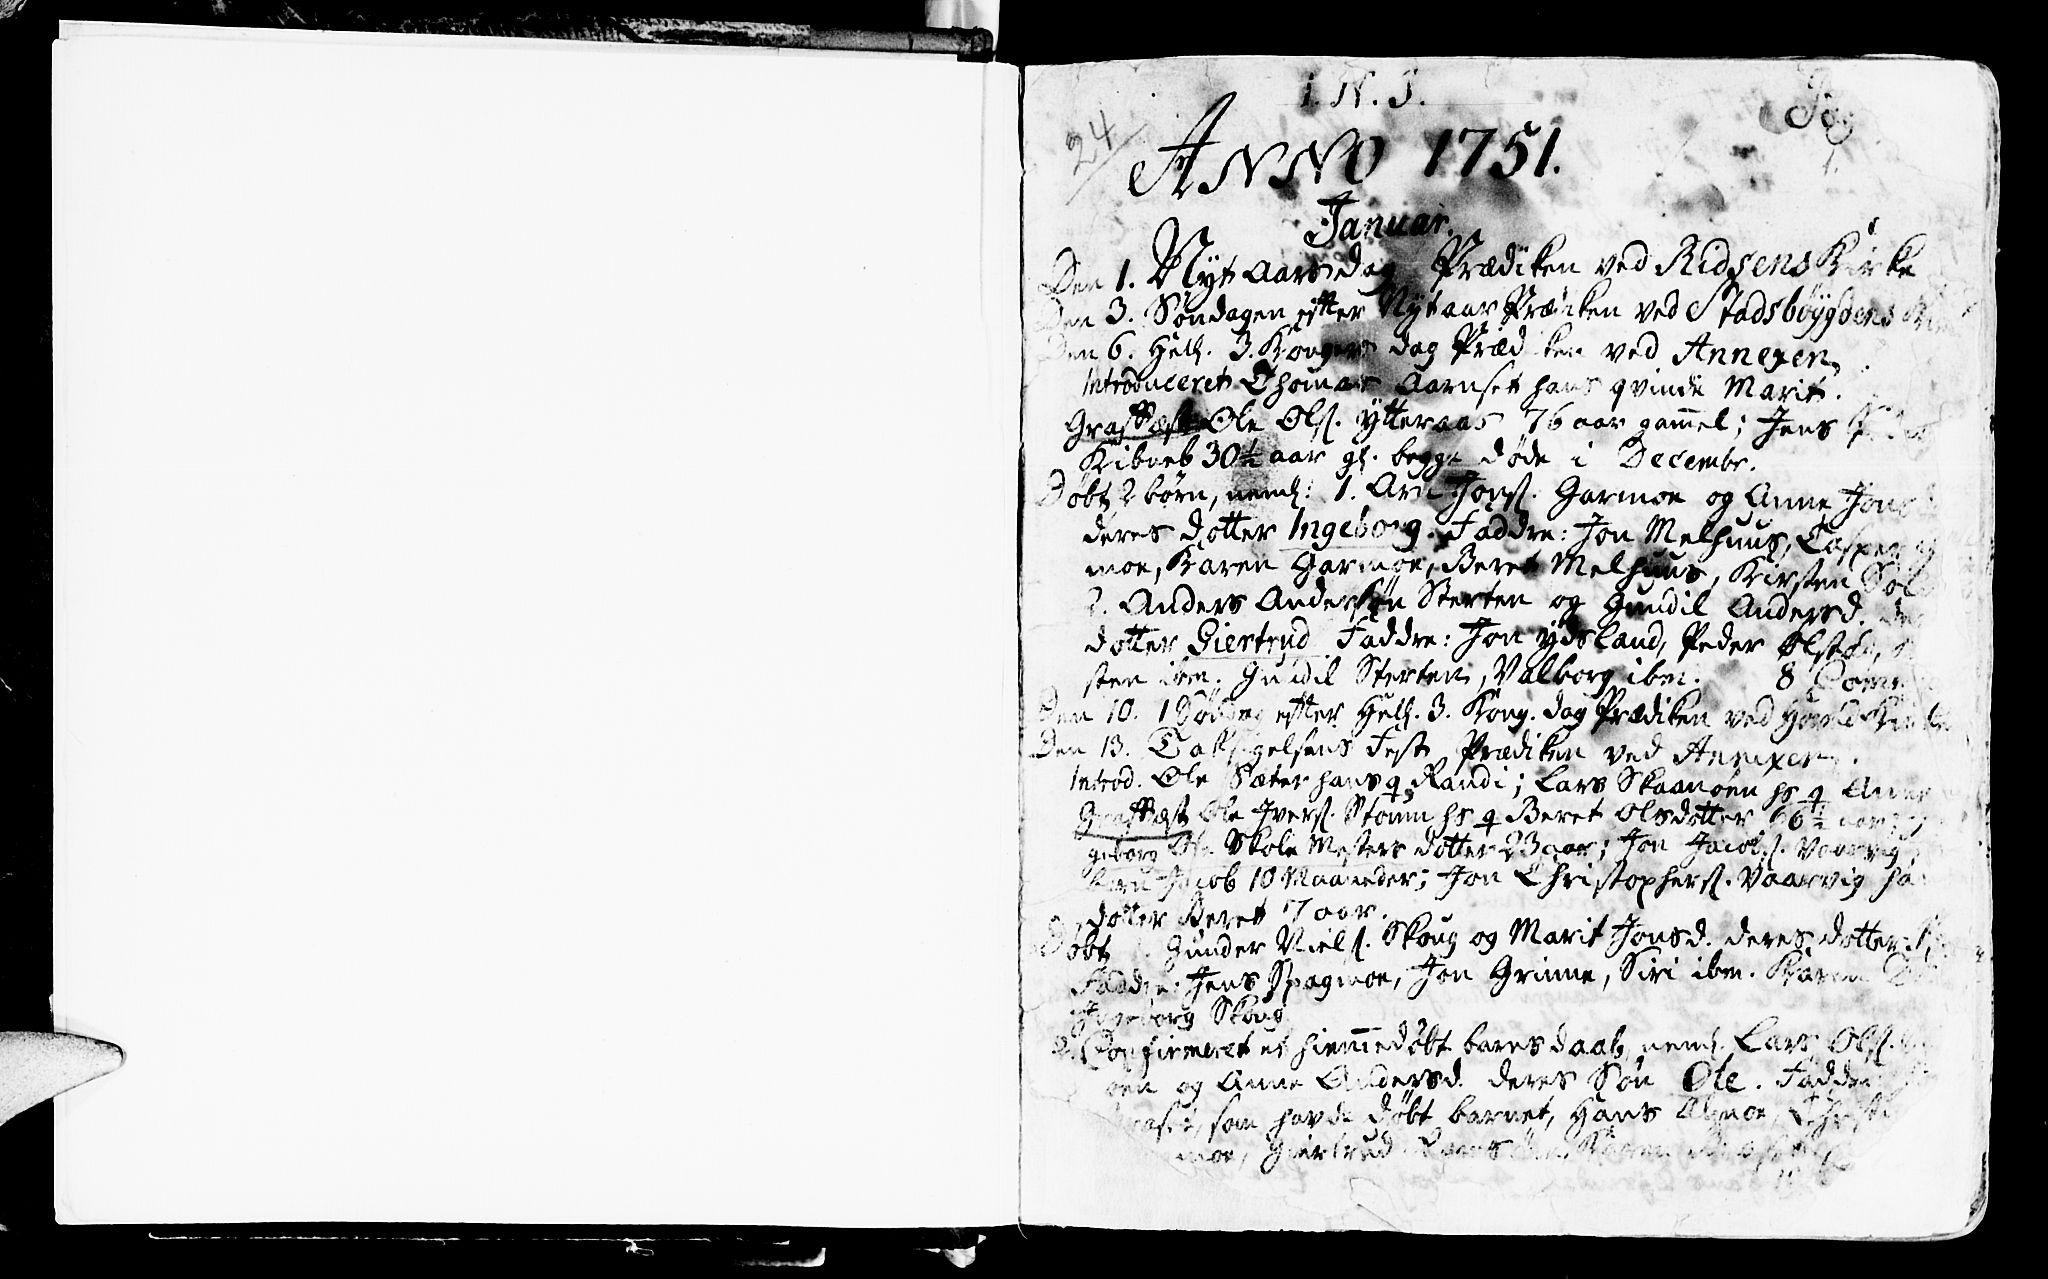 SAT, Ministerialprotokoller, klokkerbøker og fødselsregistre - Sør-Trøndelag, 646/L0605: Ministerialbok nr. 646A03, 1751-1790, s. 0-1